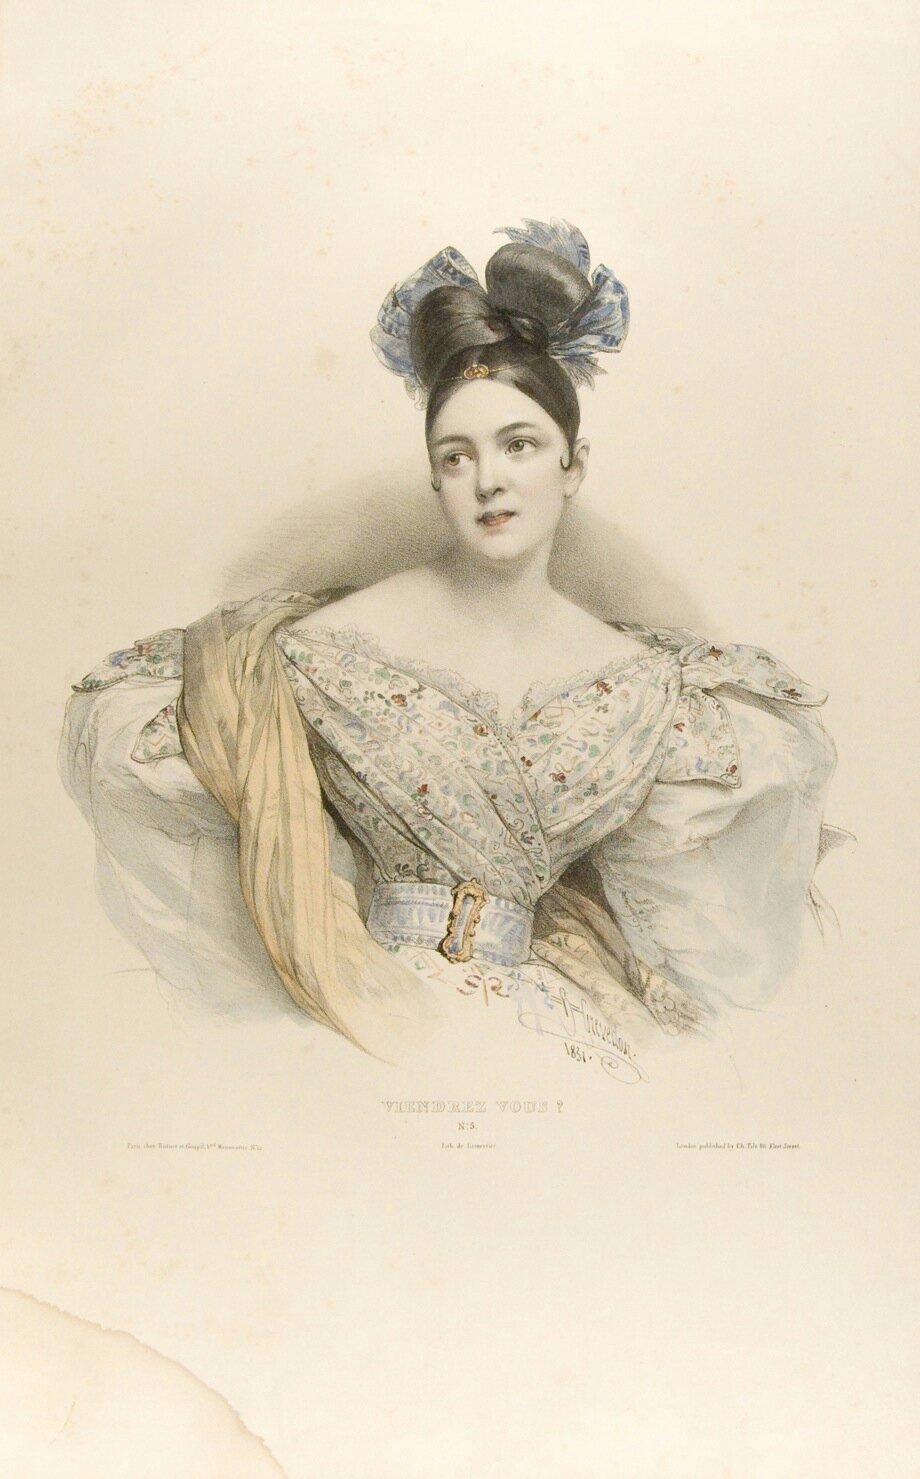 9-grevedon-vocabulaire-des-dames-1832-no-5-viendrez-vous-clark-tiff-97606344.jpg